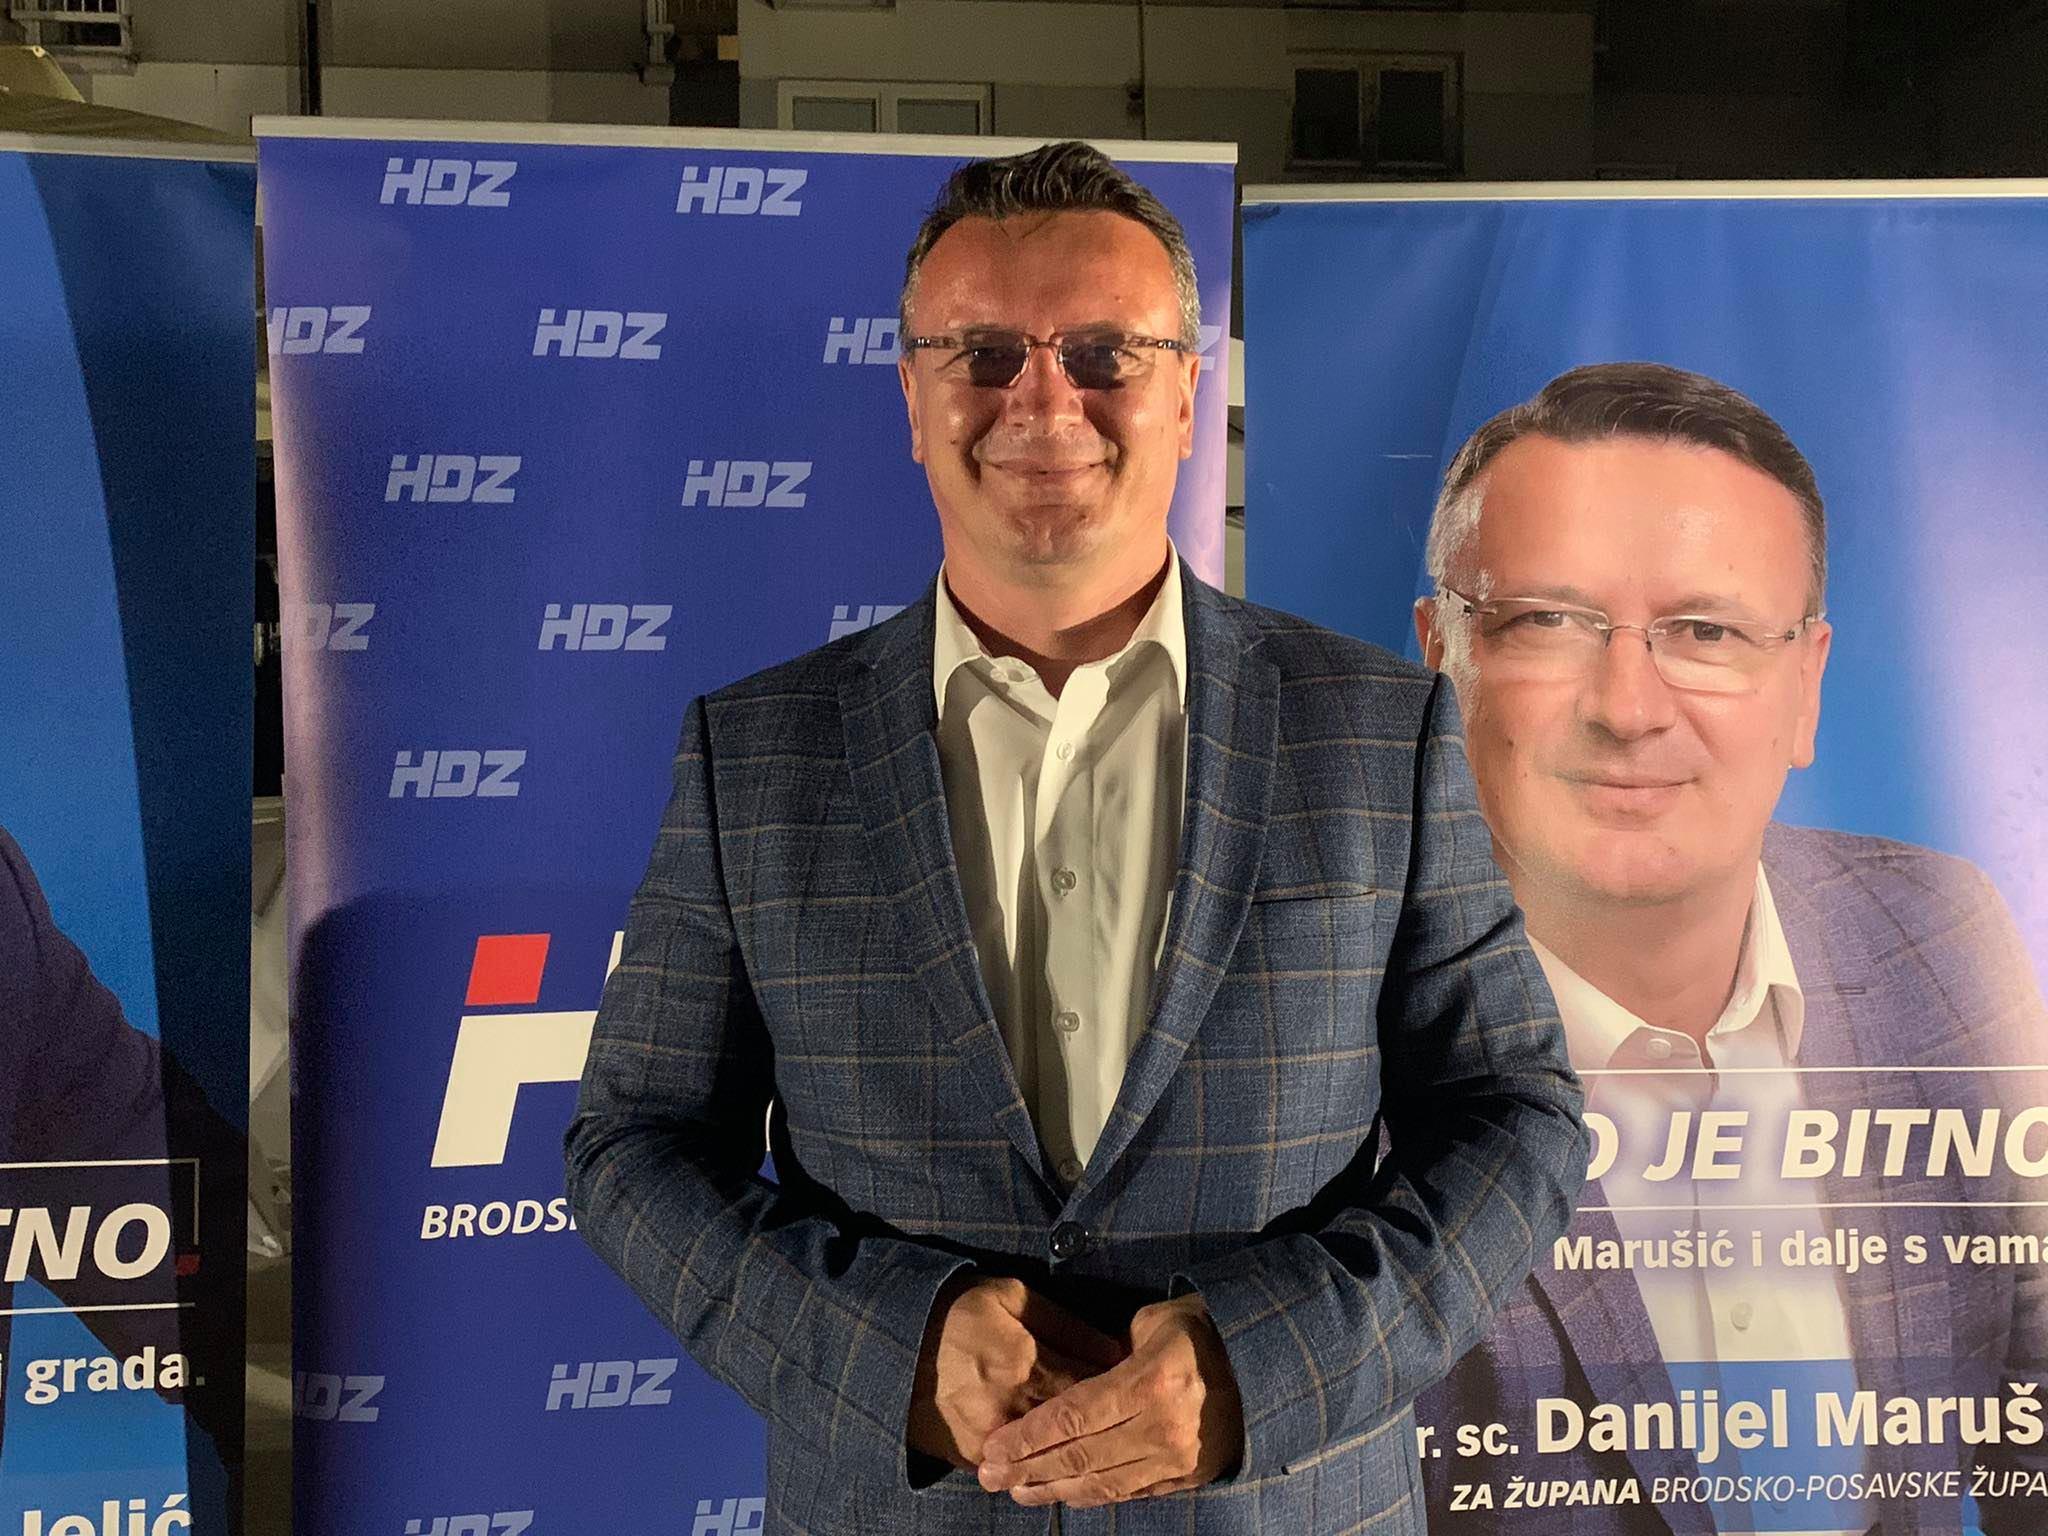 Danijel Marušić : Bit ću župan svih građana i svojim radom opravdati ukazano povjerenje